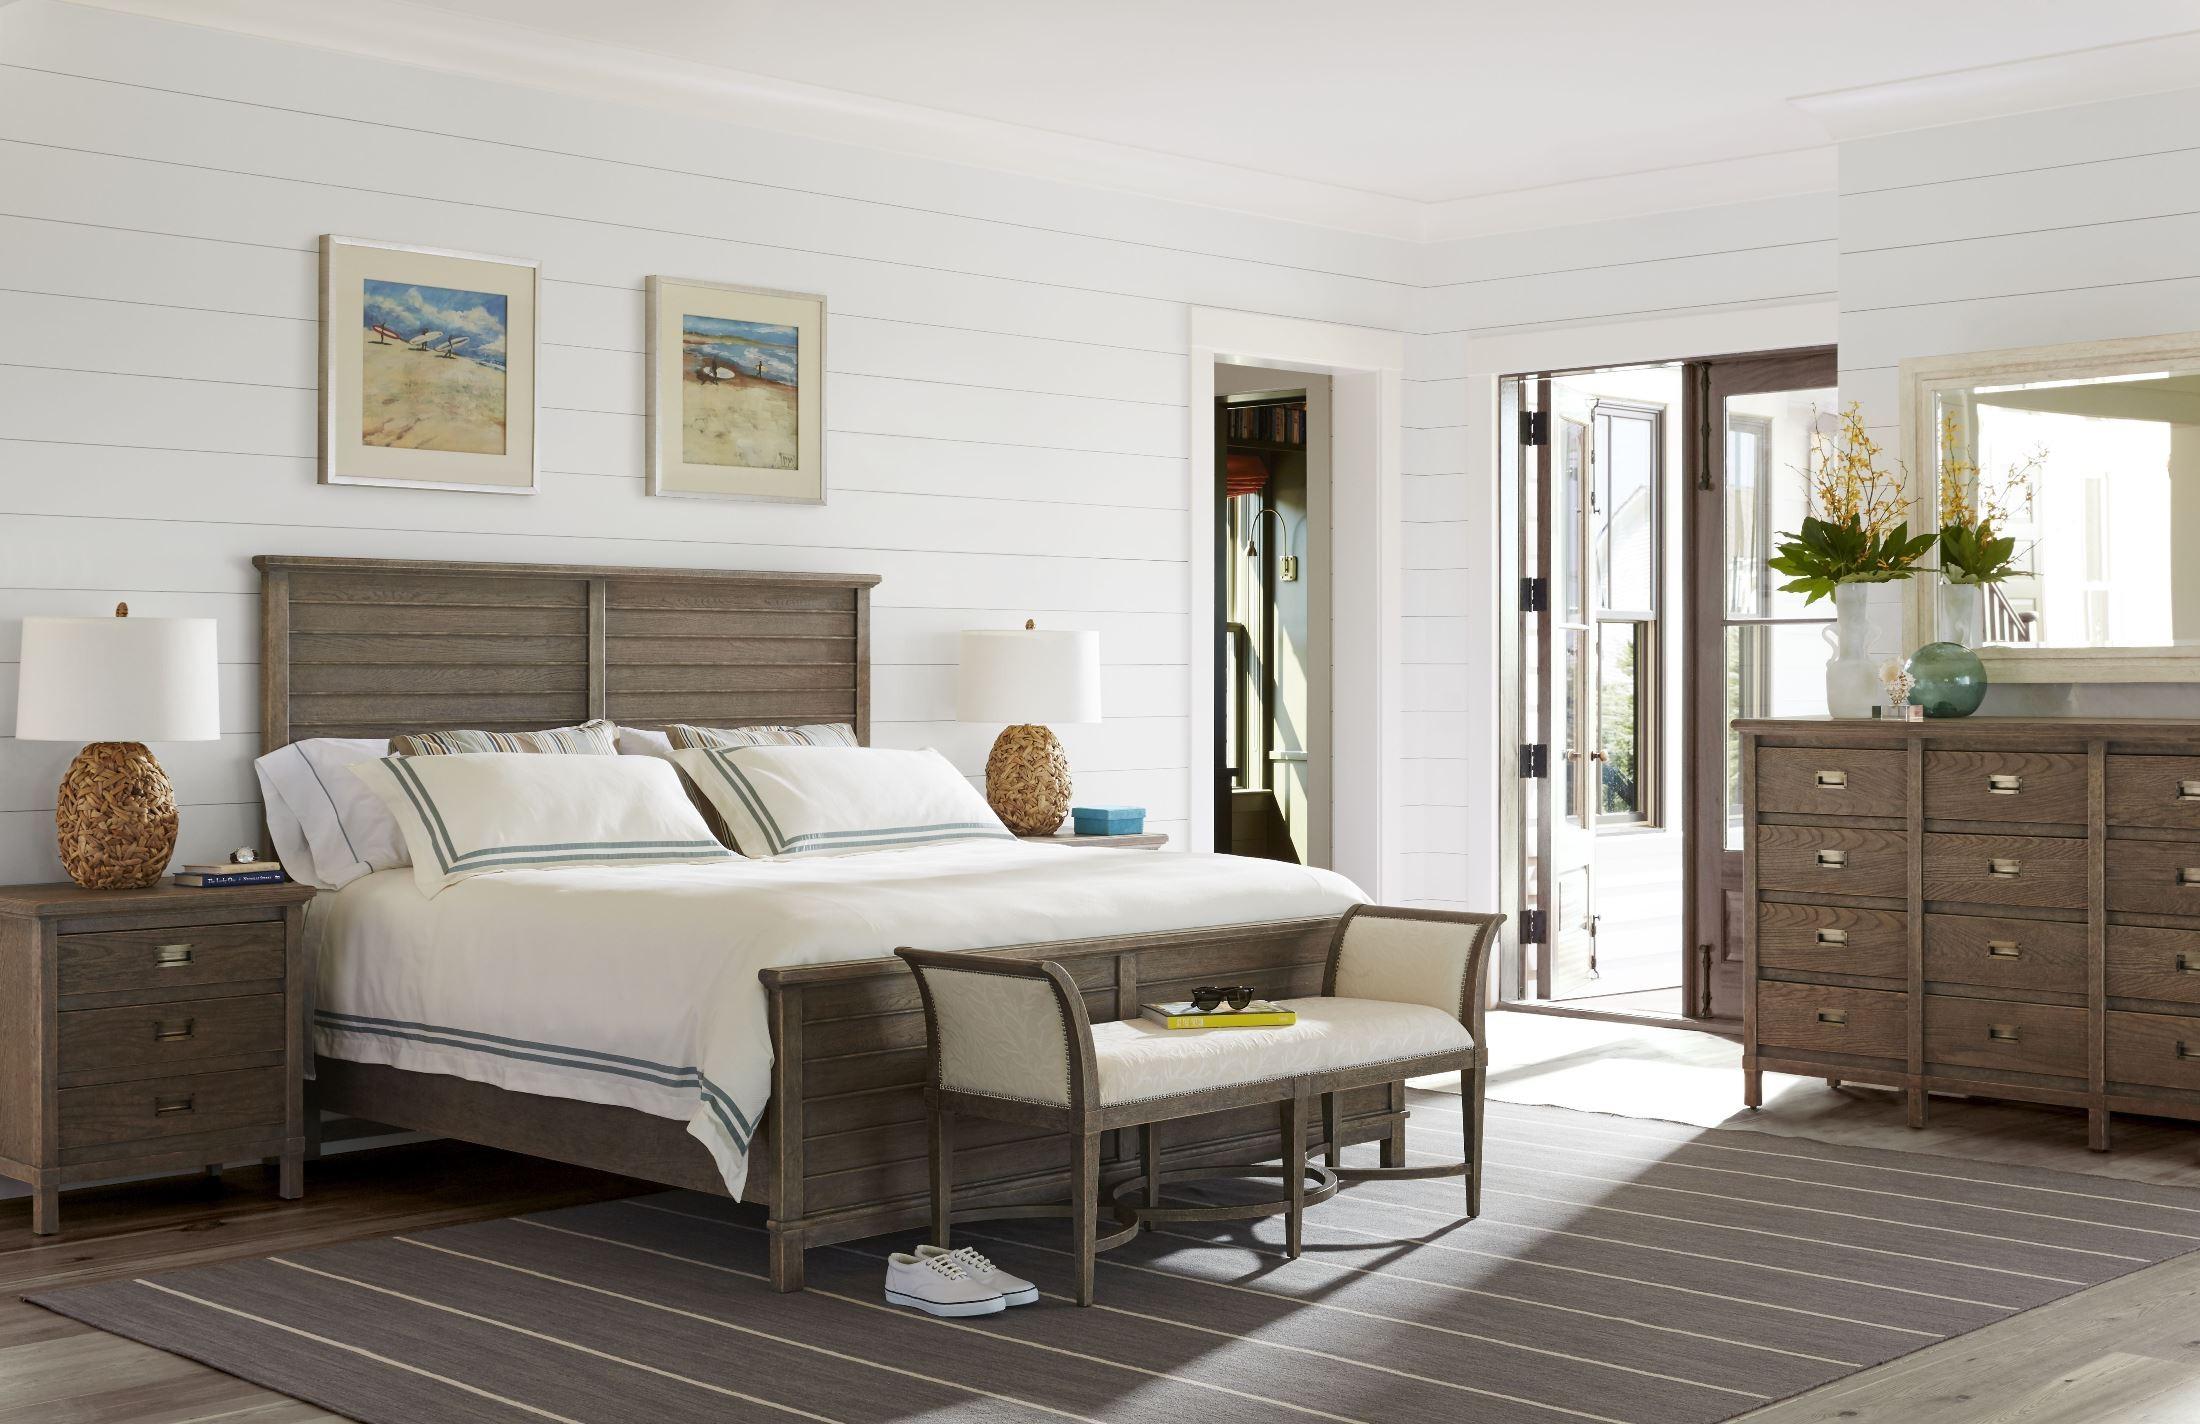 coastal living resort deck tranquility isle dresser from. Black Bedroom Furniture Sets. Home Design Ideas